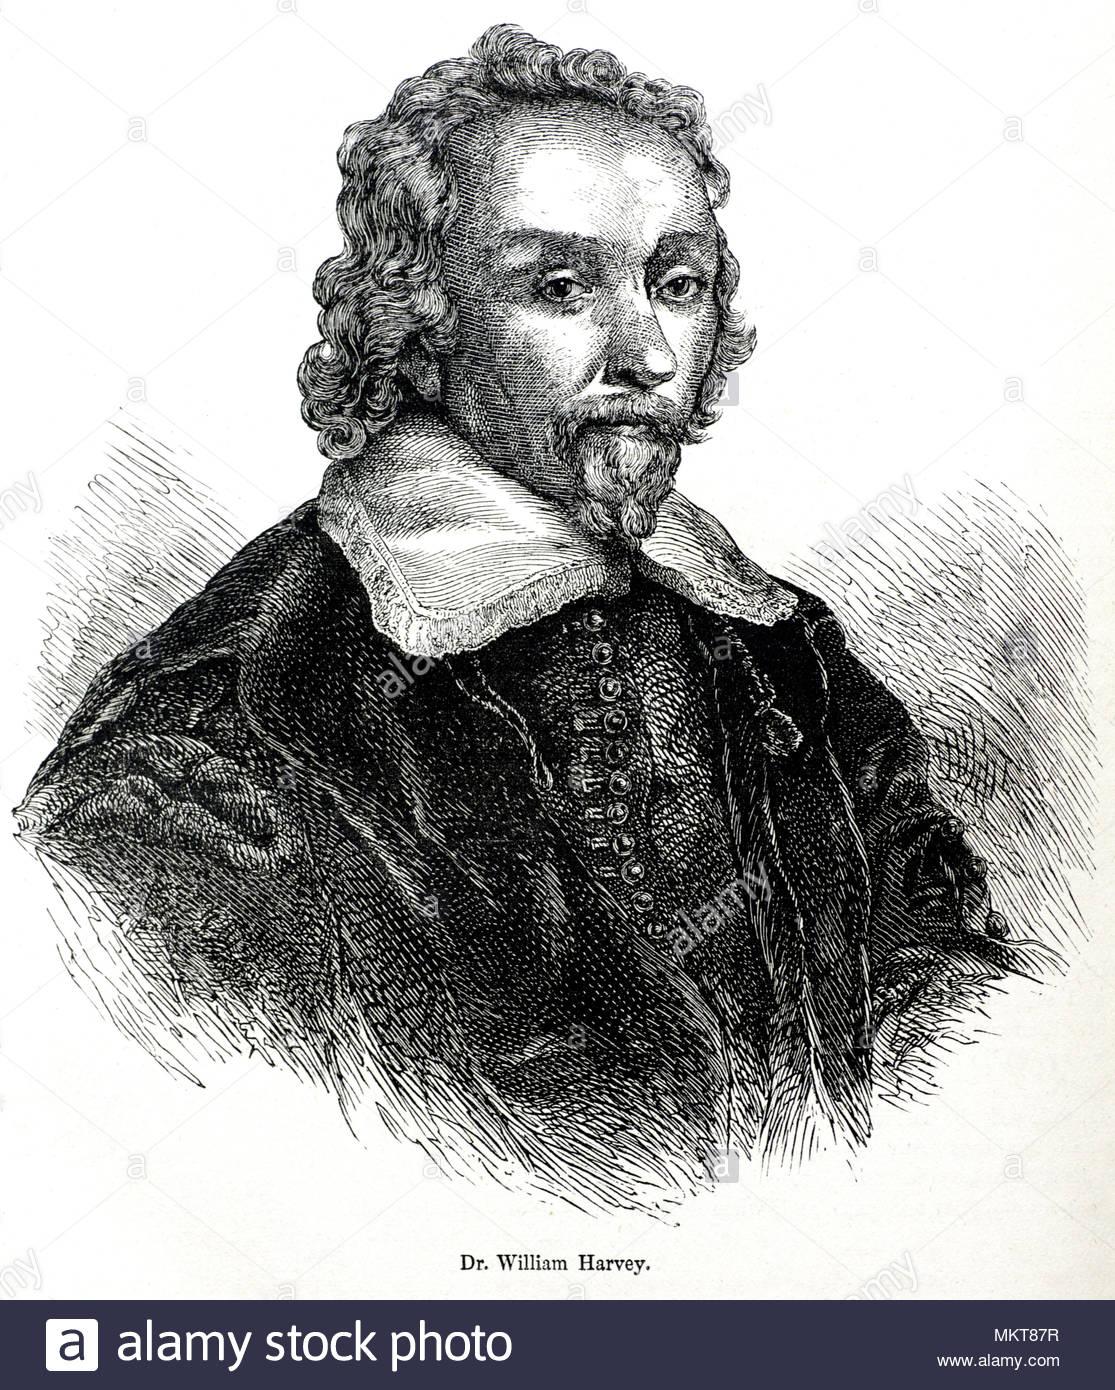 El Dr. William Harvey retrato, 1578 - 1657, fue un médico inglés que hizo aportes seminales en anatomía y fisiología, antique illustration circa 1880 Imagen De Stock